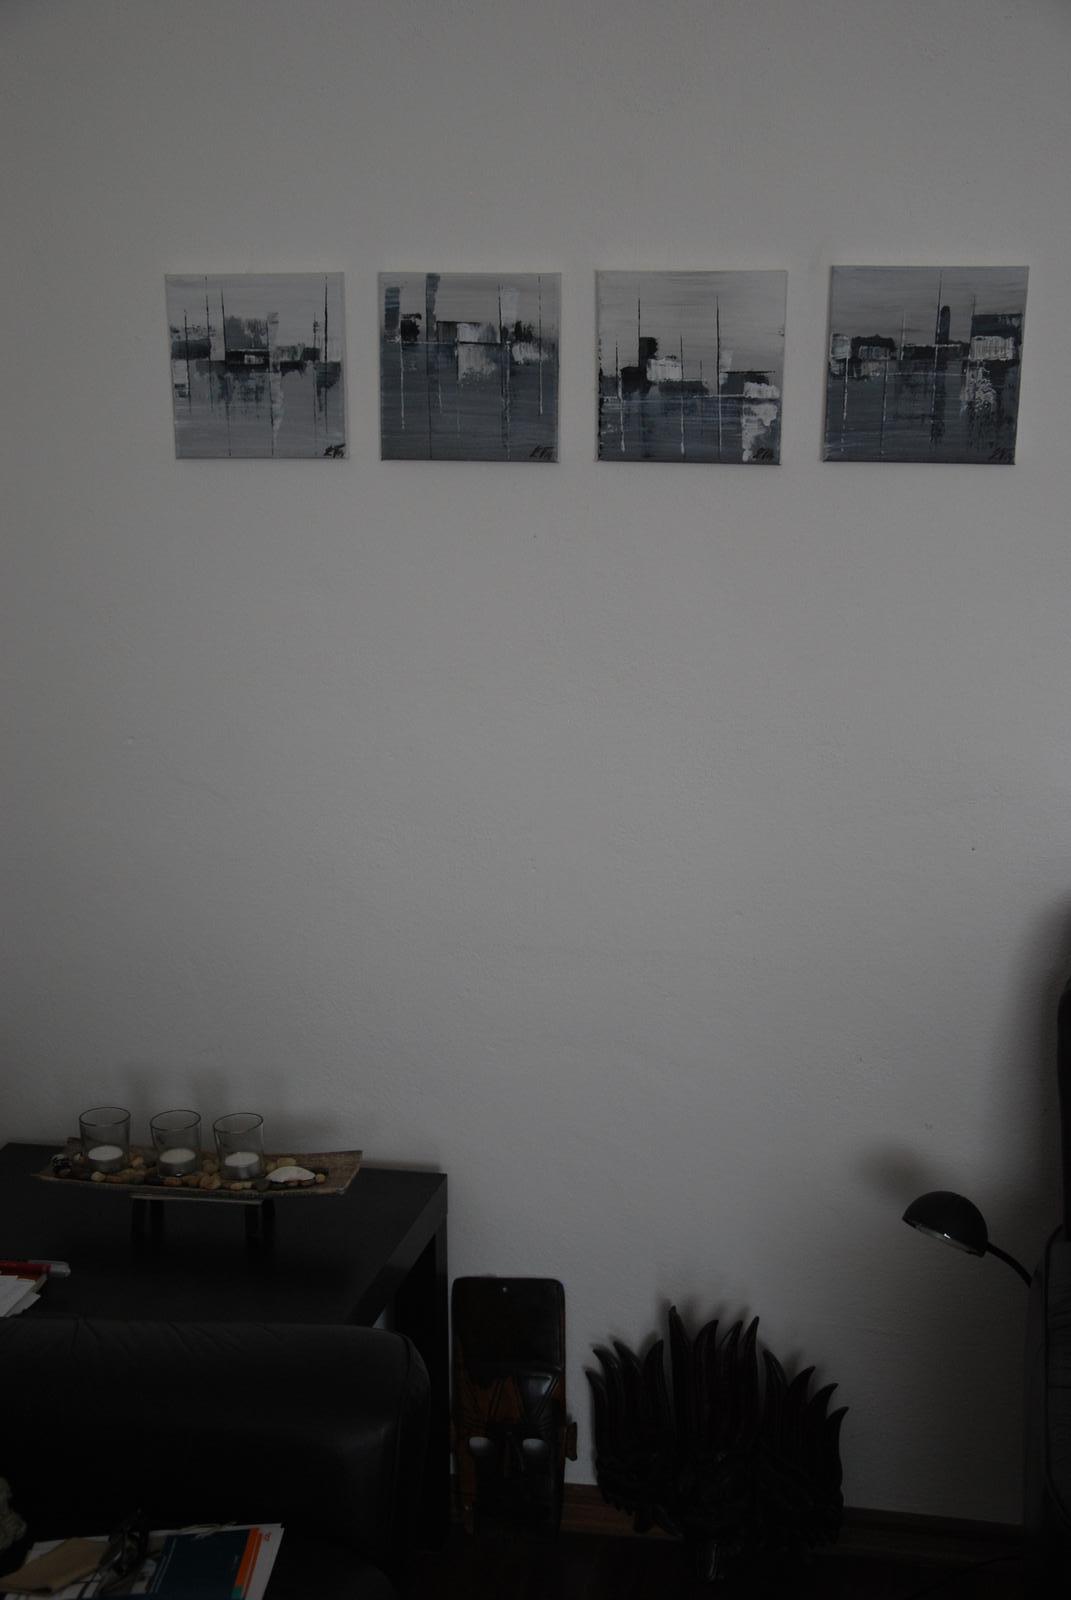 Mé obrazy v interiérech - Obrázek č. 42